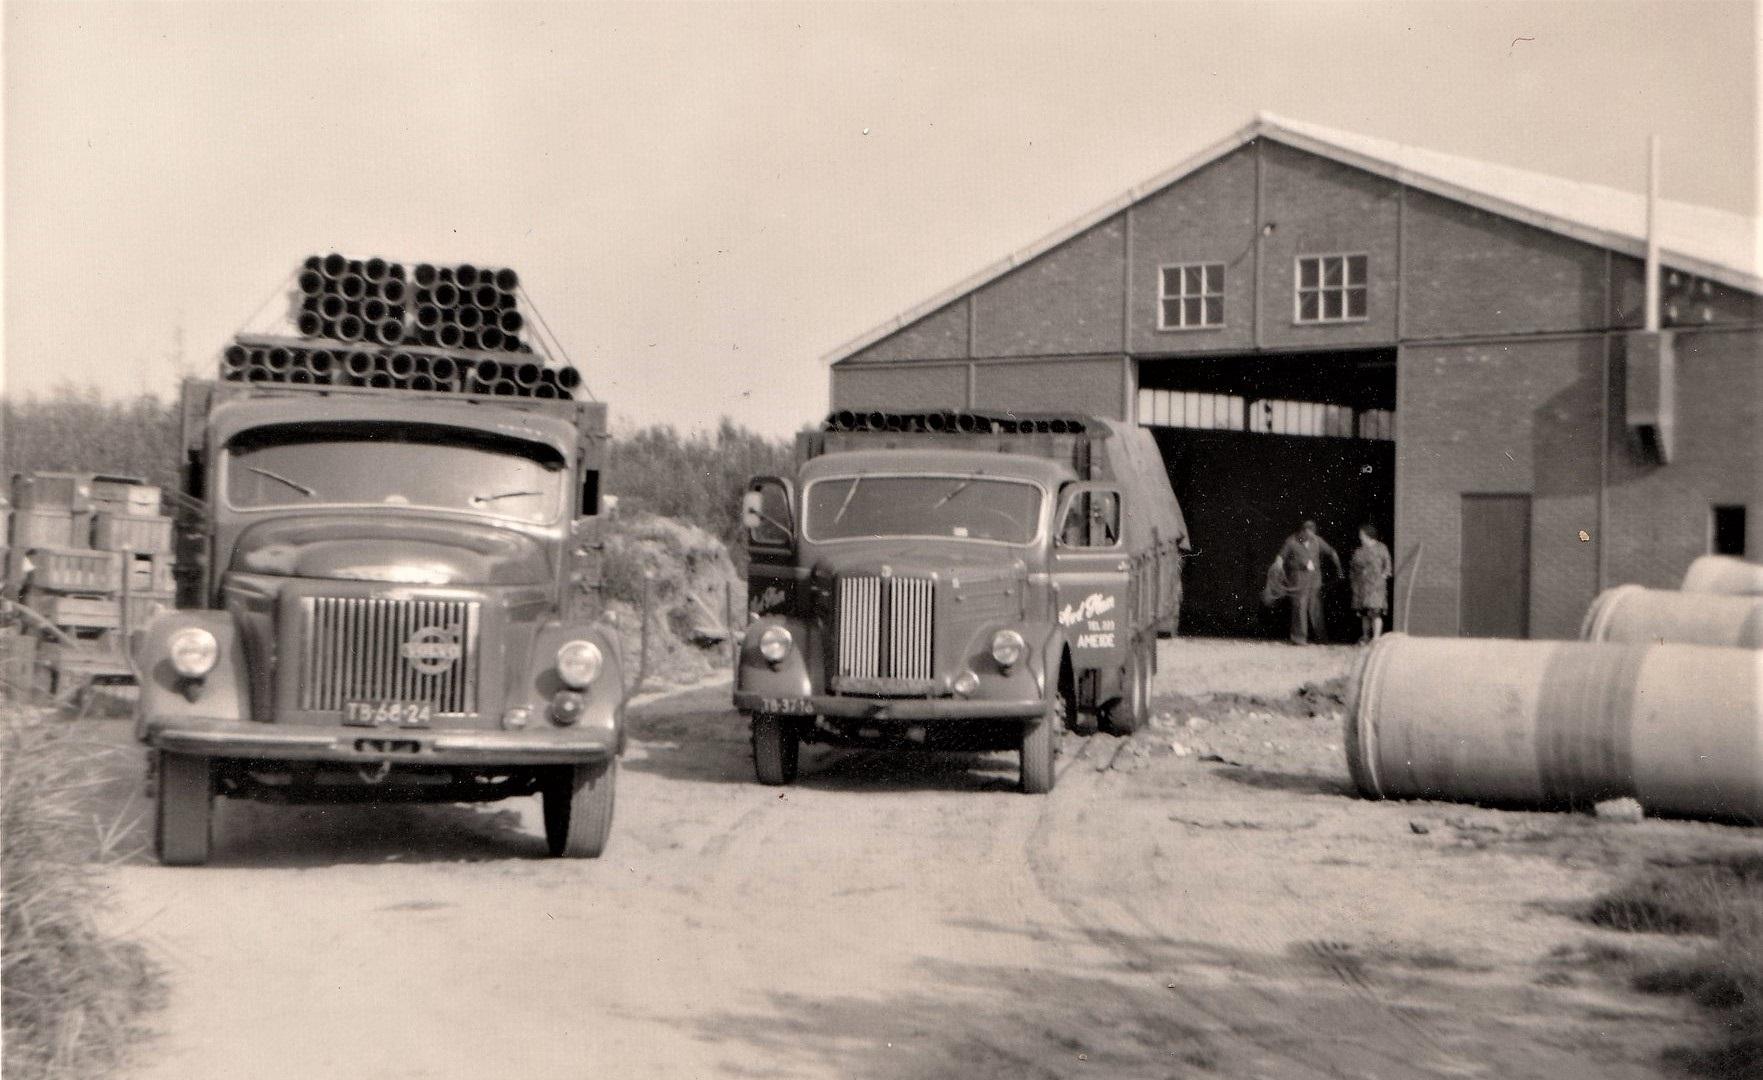 Volvo-Scania-vabis